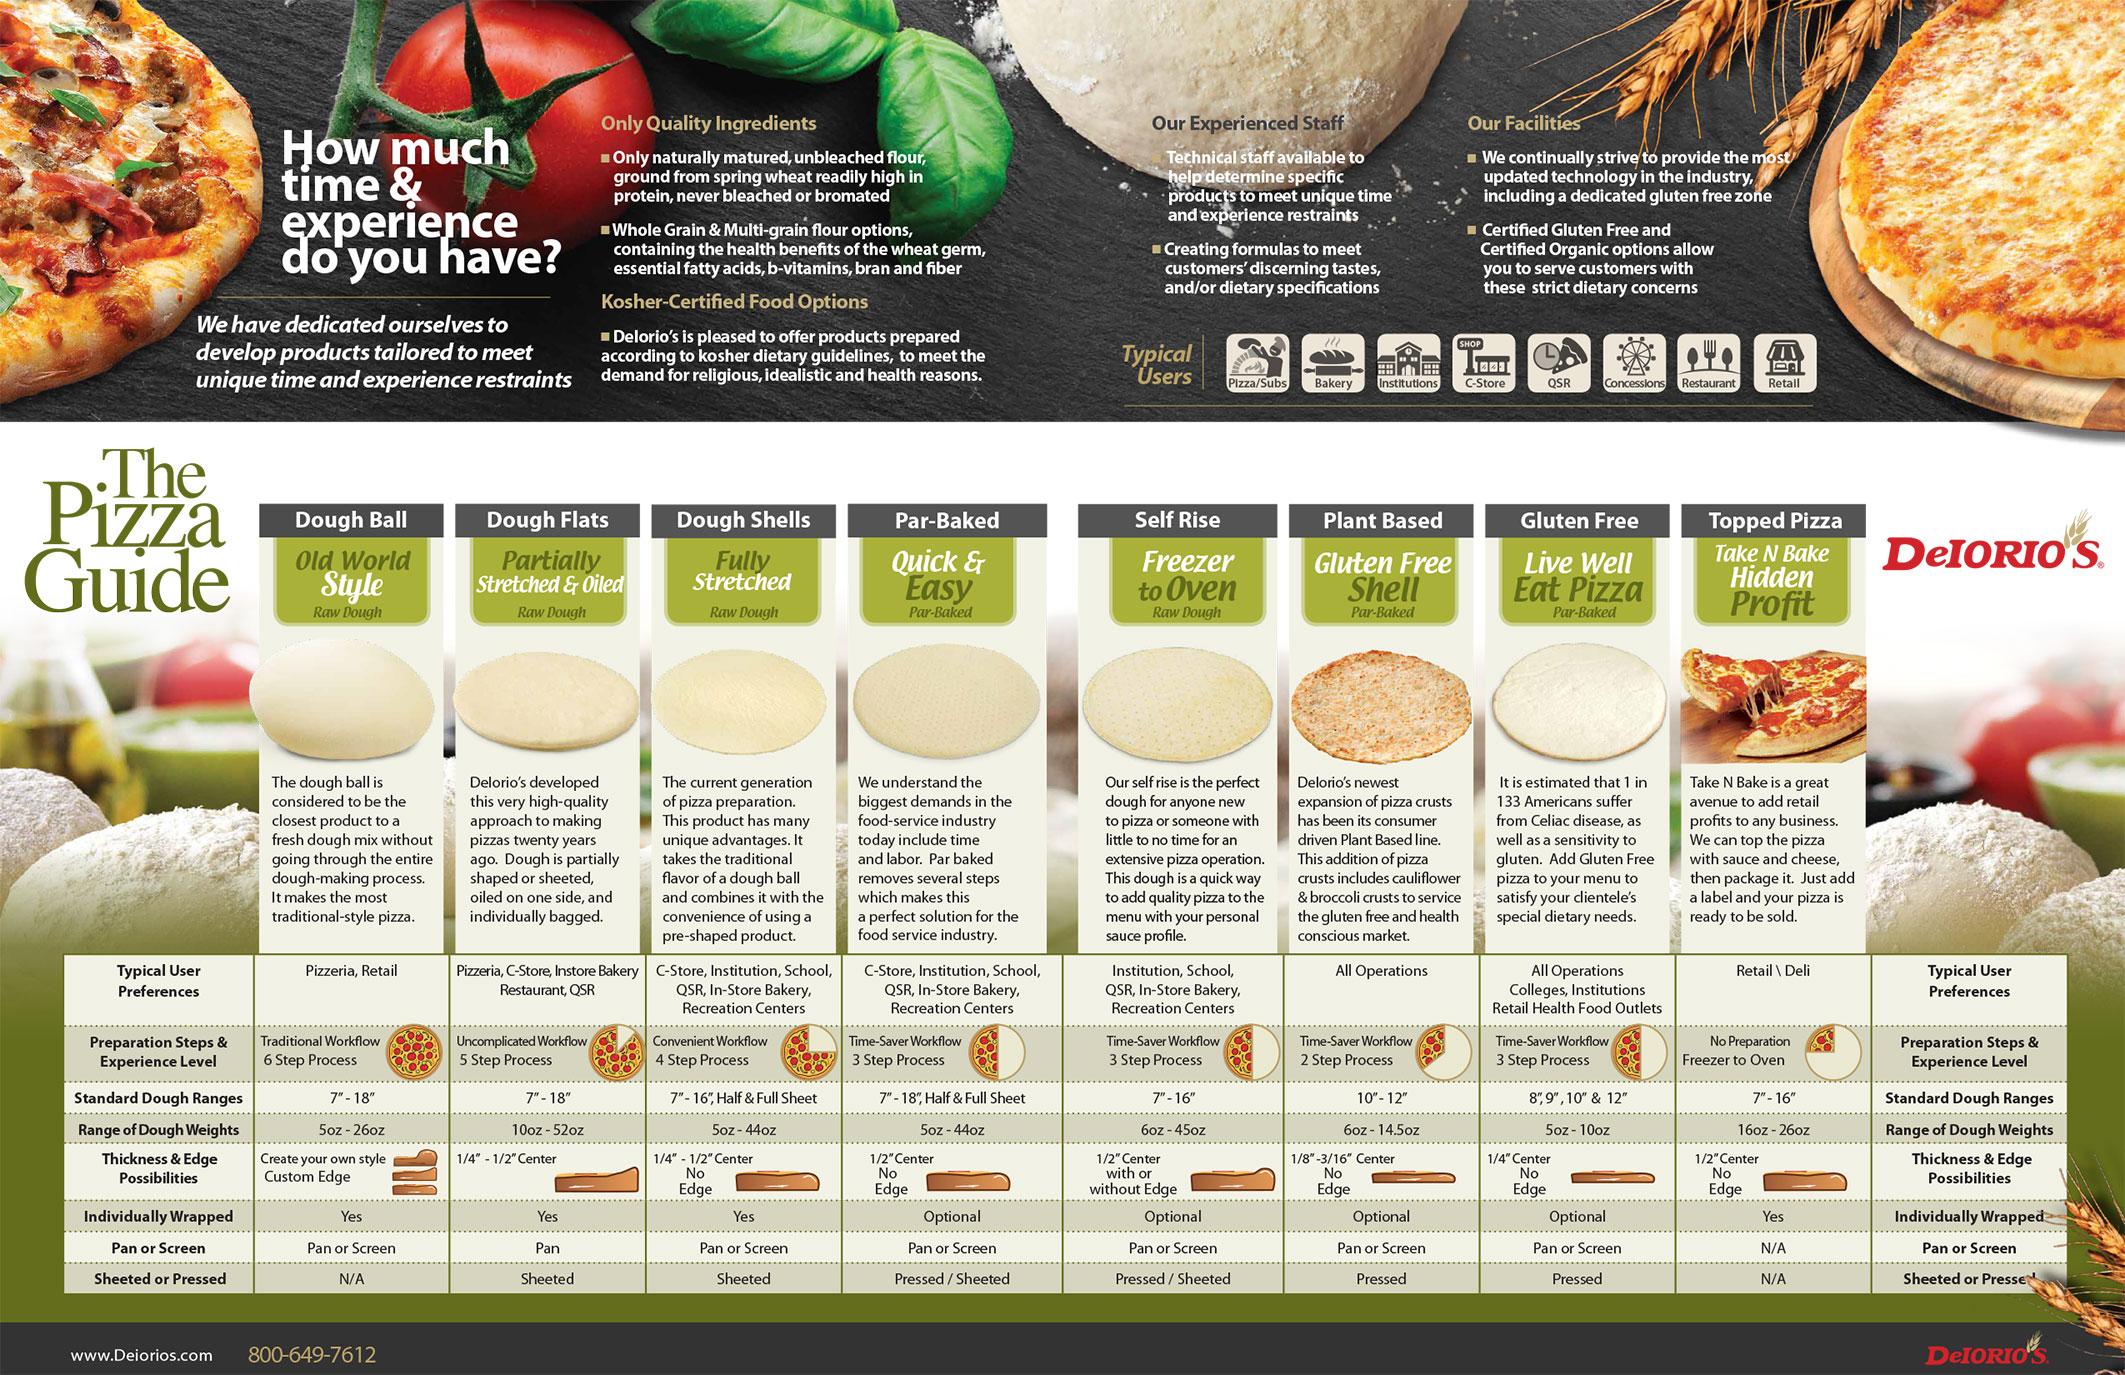 DeIorios Pizza Guide